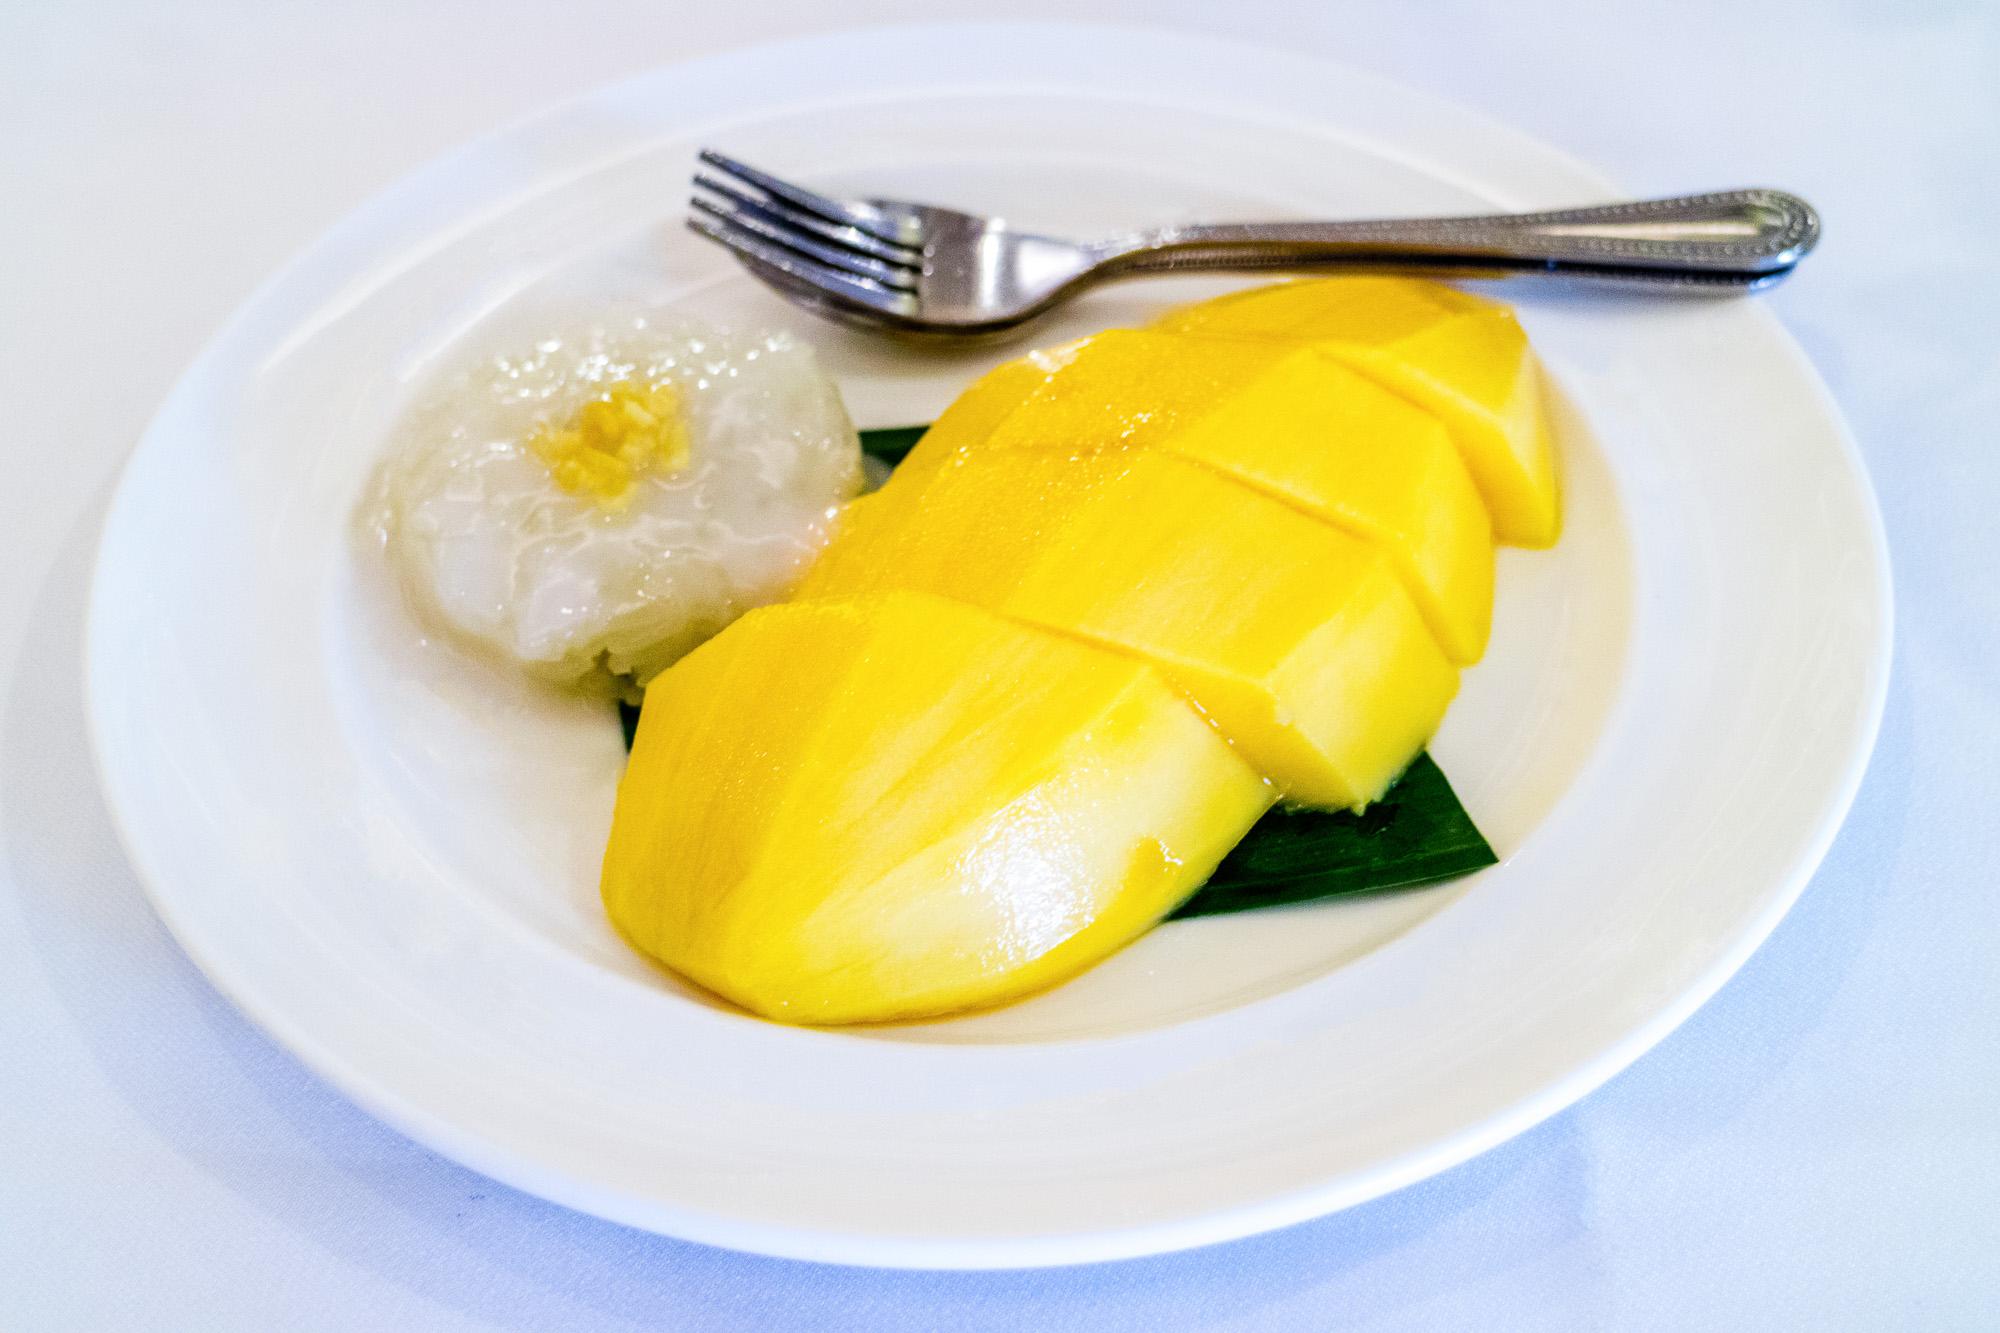 ข้าวเหนียวมะม่วง ร้านอาหารนาจ Naj Exquisite Thai Cusine & Naj Thai Cooking School  นาจ Naj Exquisite Thai Cuisine ชวนลิ้มลองอาหารไทยสุดหรู ย่านสีลม Shutter Stock 01